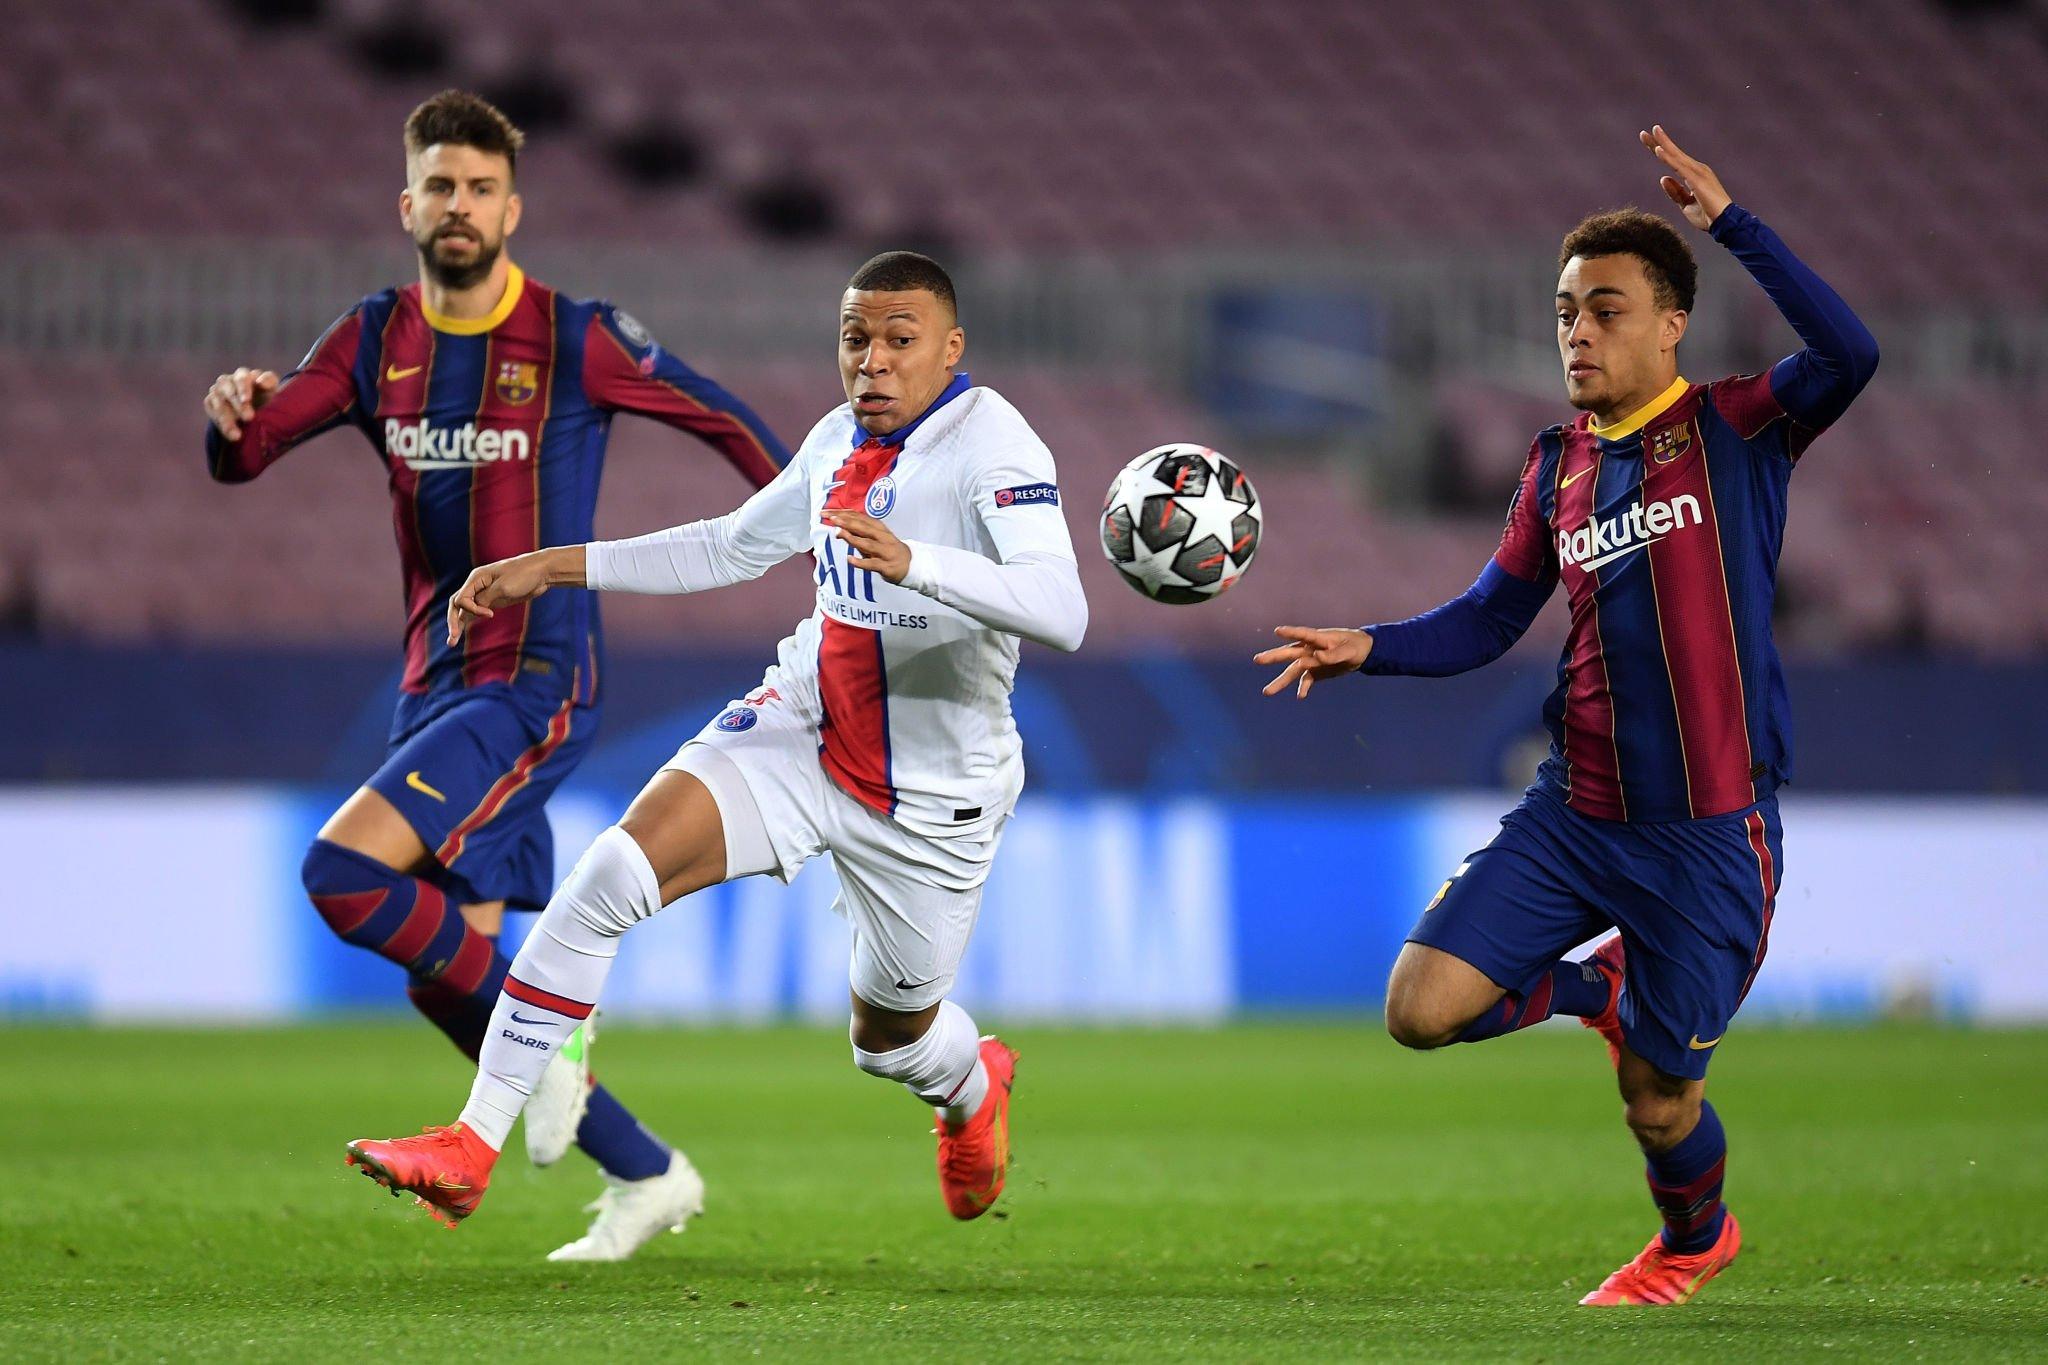 حصار ثنائي من لاعبى برشلونة على مبابي